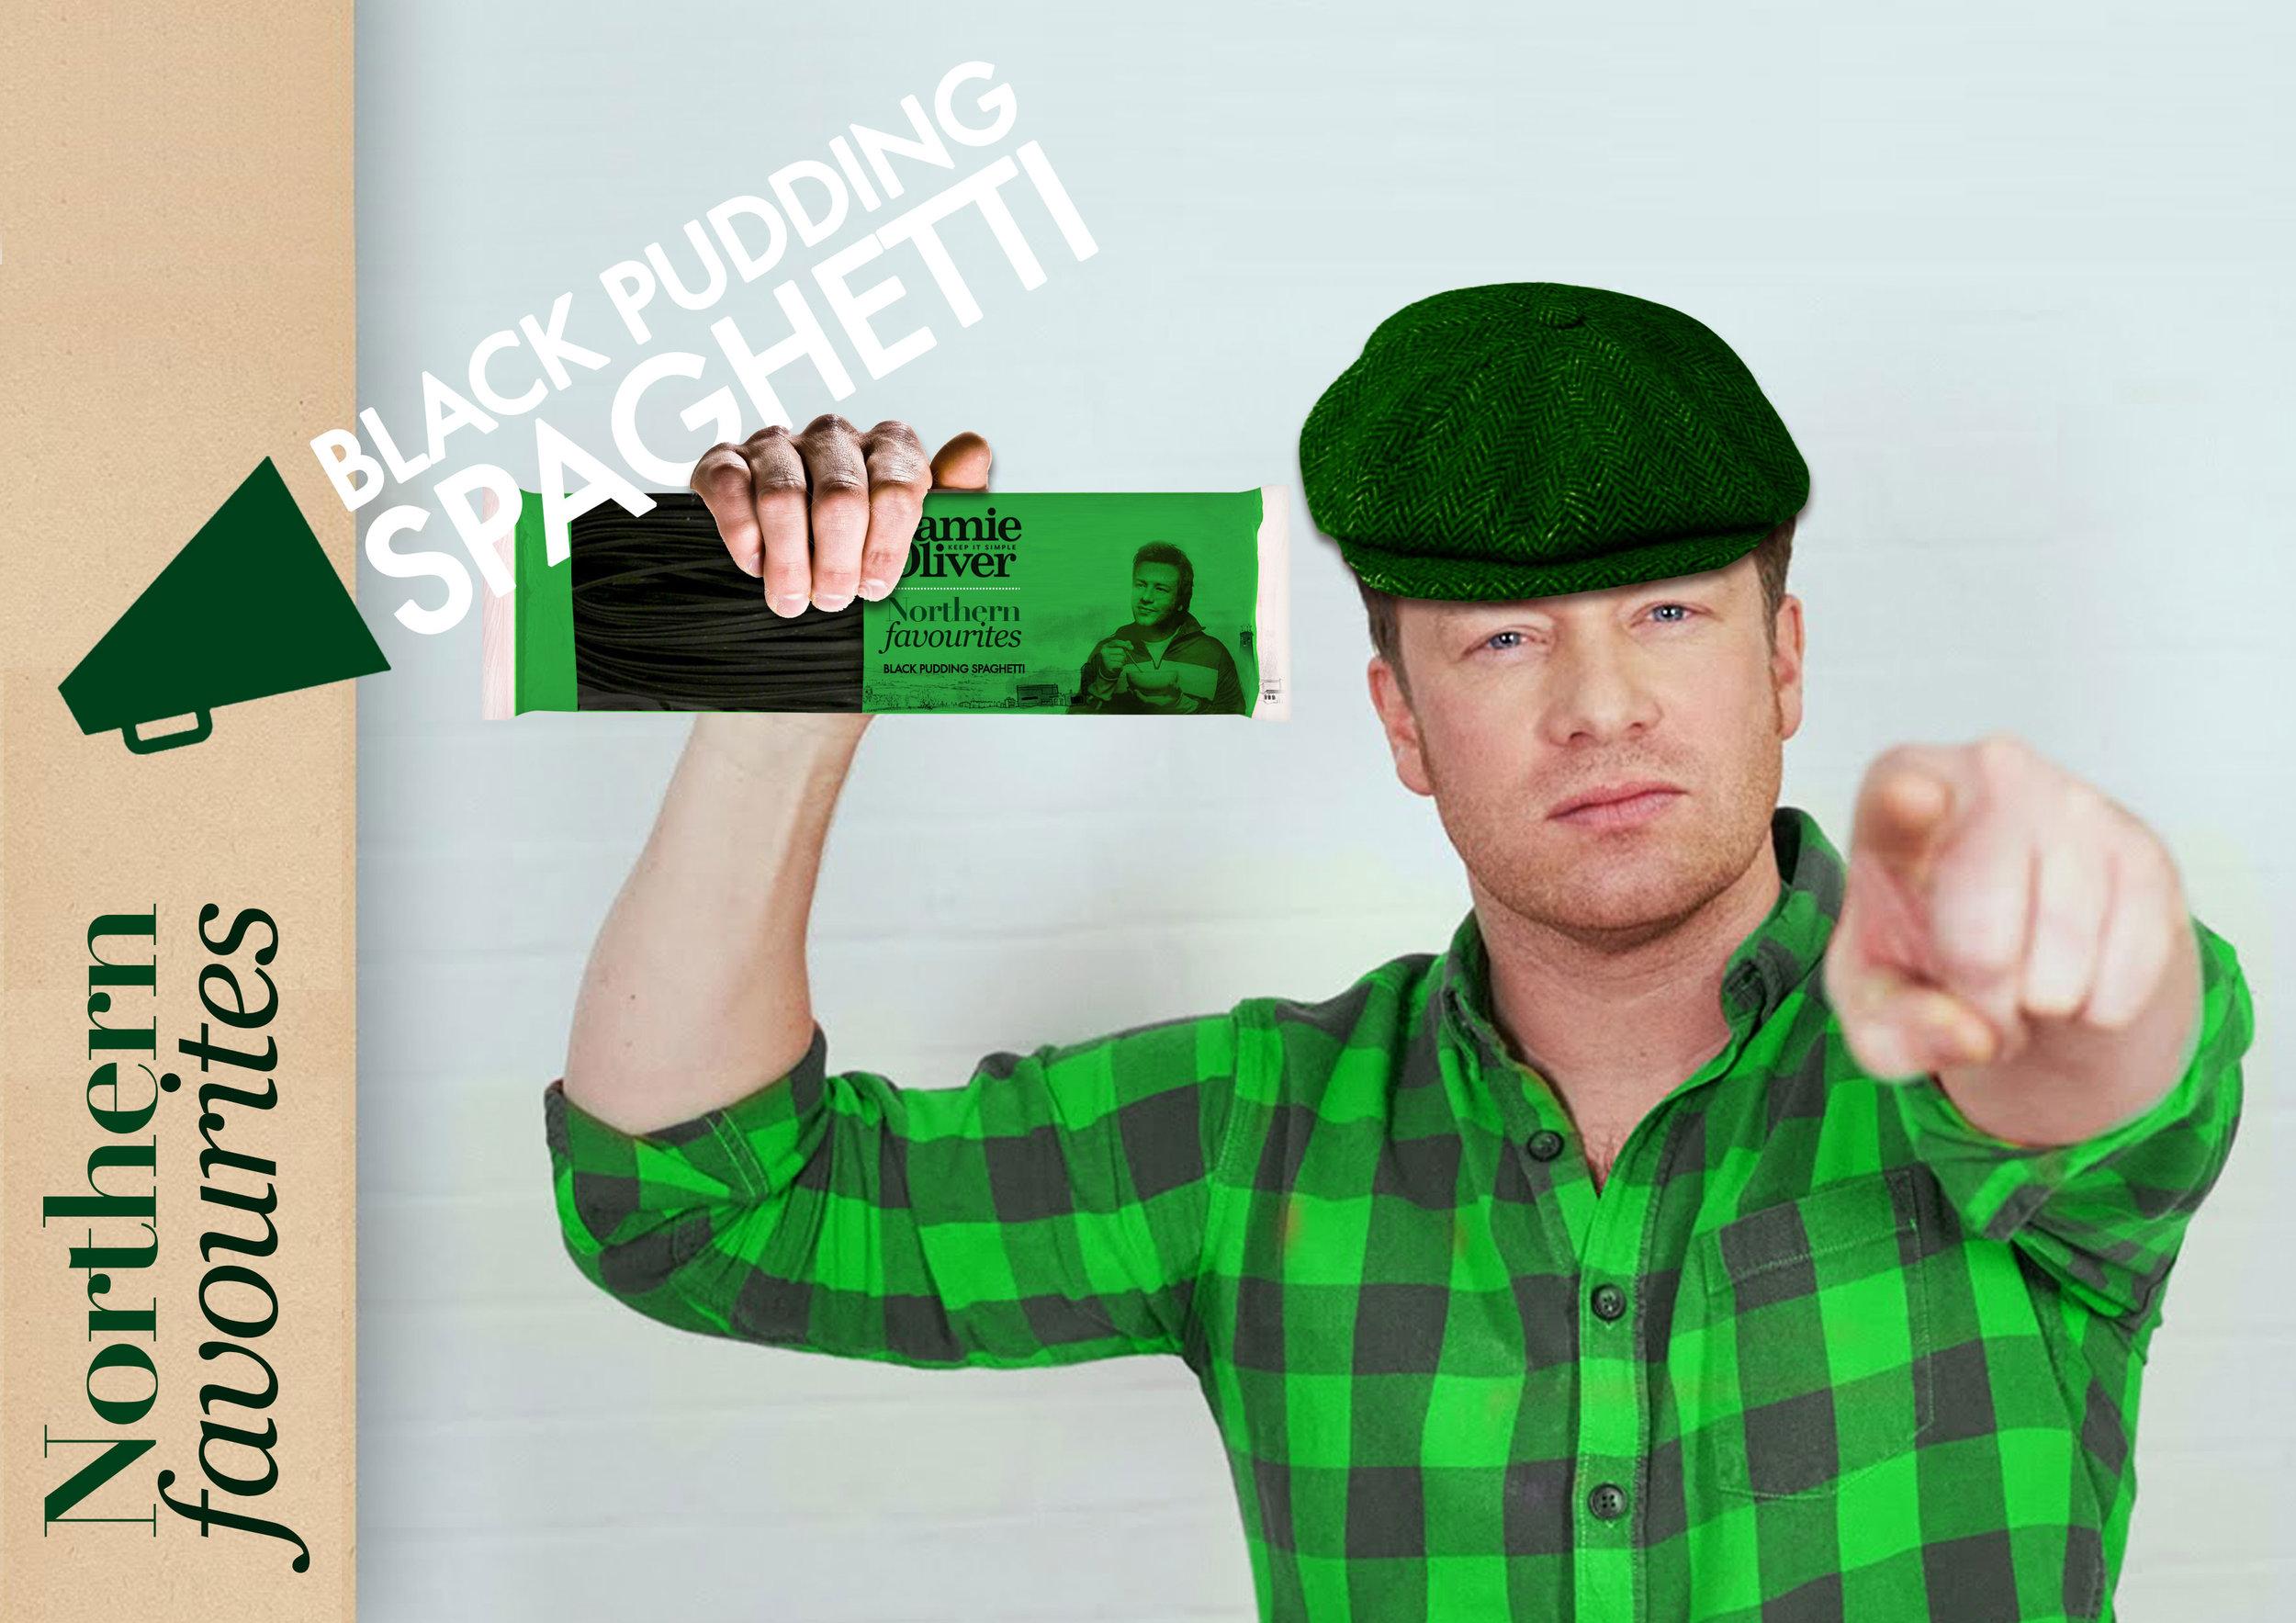 Jamie-Oliver-Northern-Delights-2.jpg